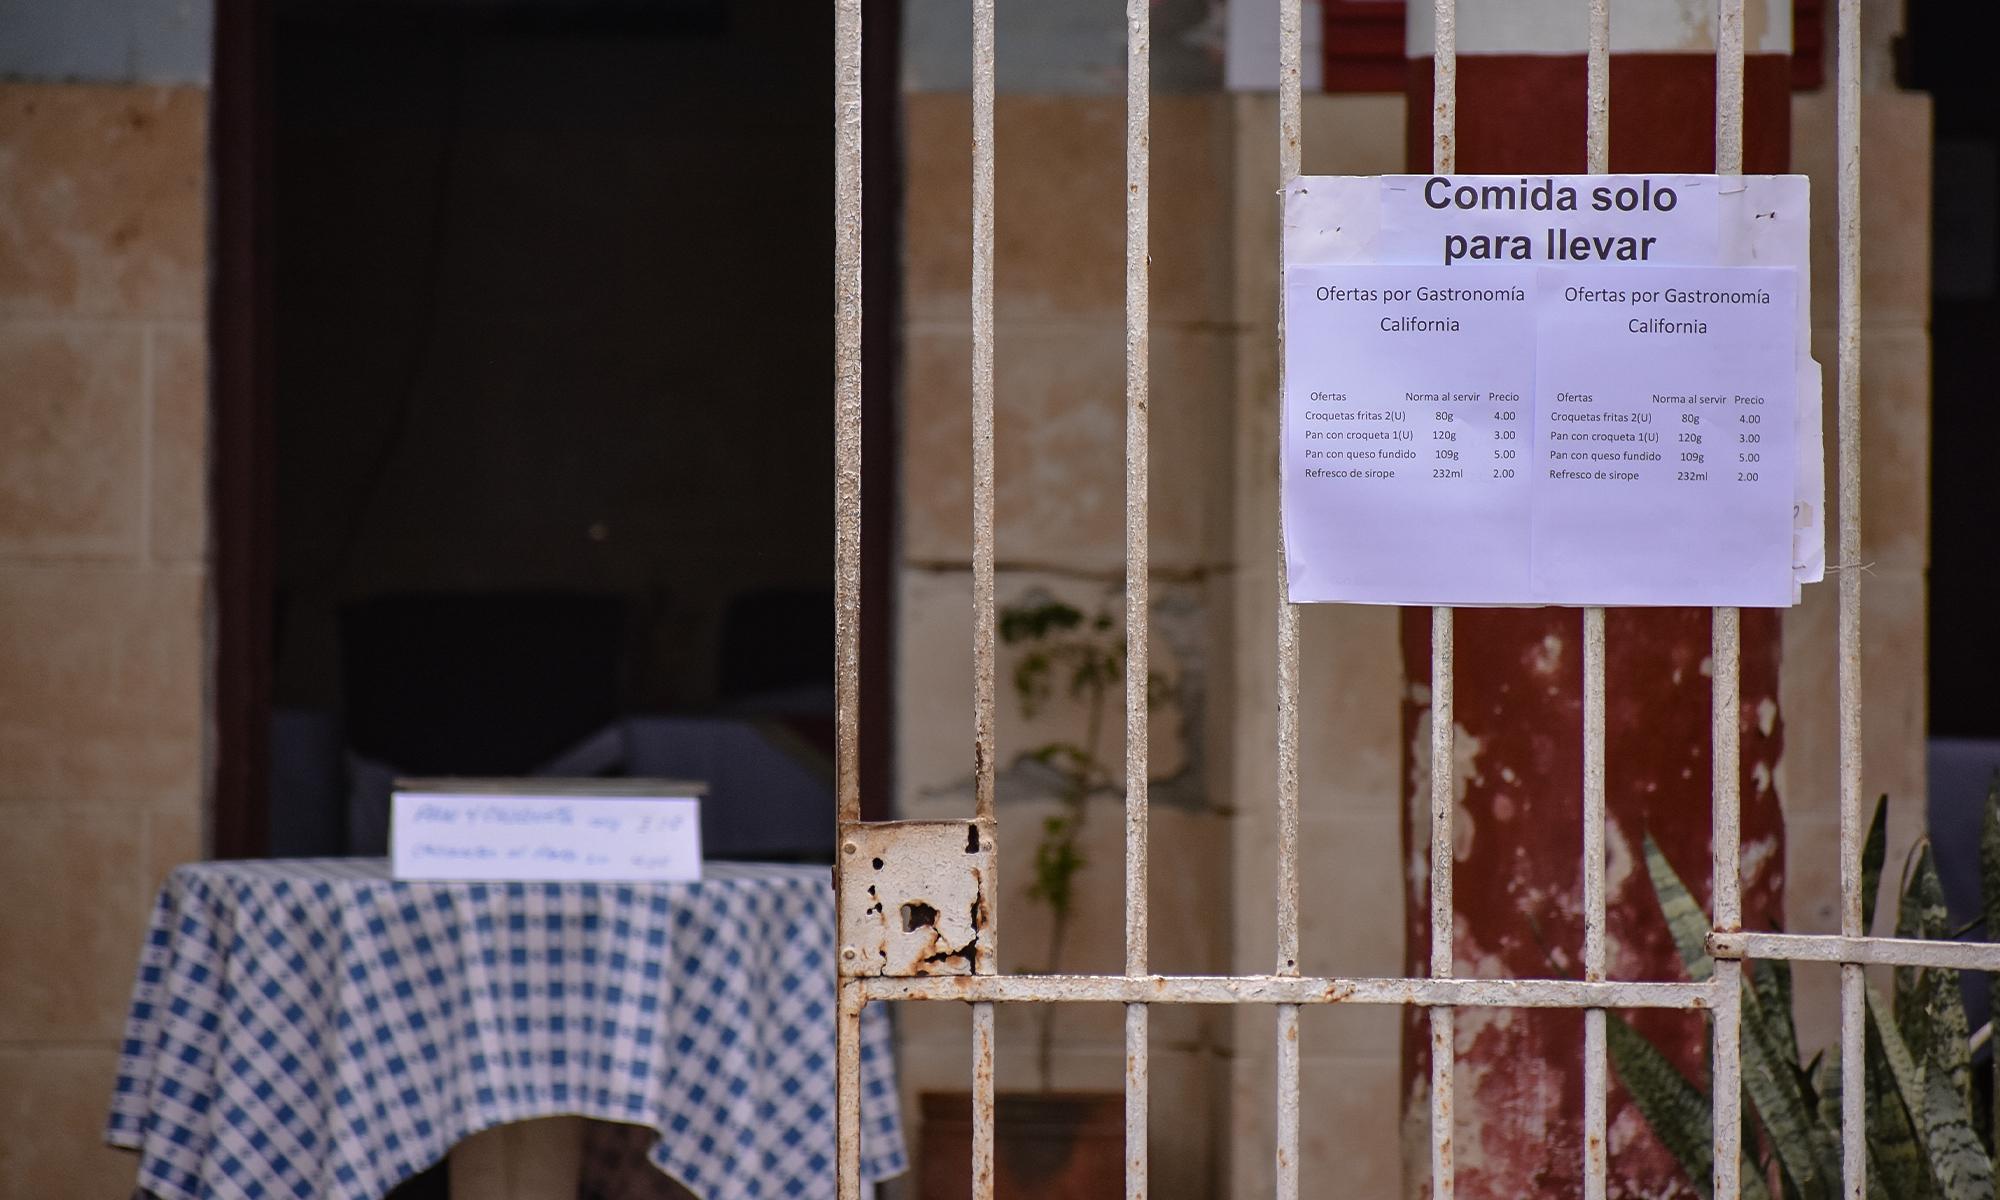 """Entrada del SAF """"California"""", ubicado en la calle Calzada entre A y Paseo, Vedado (Foto: Thalía Alfonso Gómez)."""